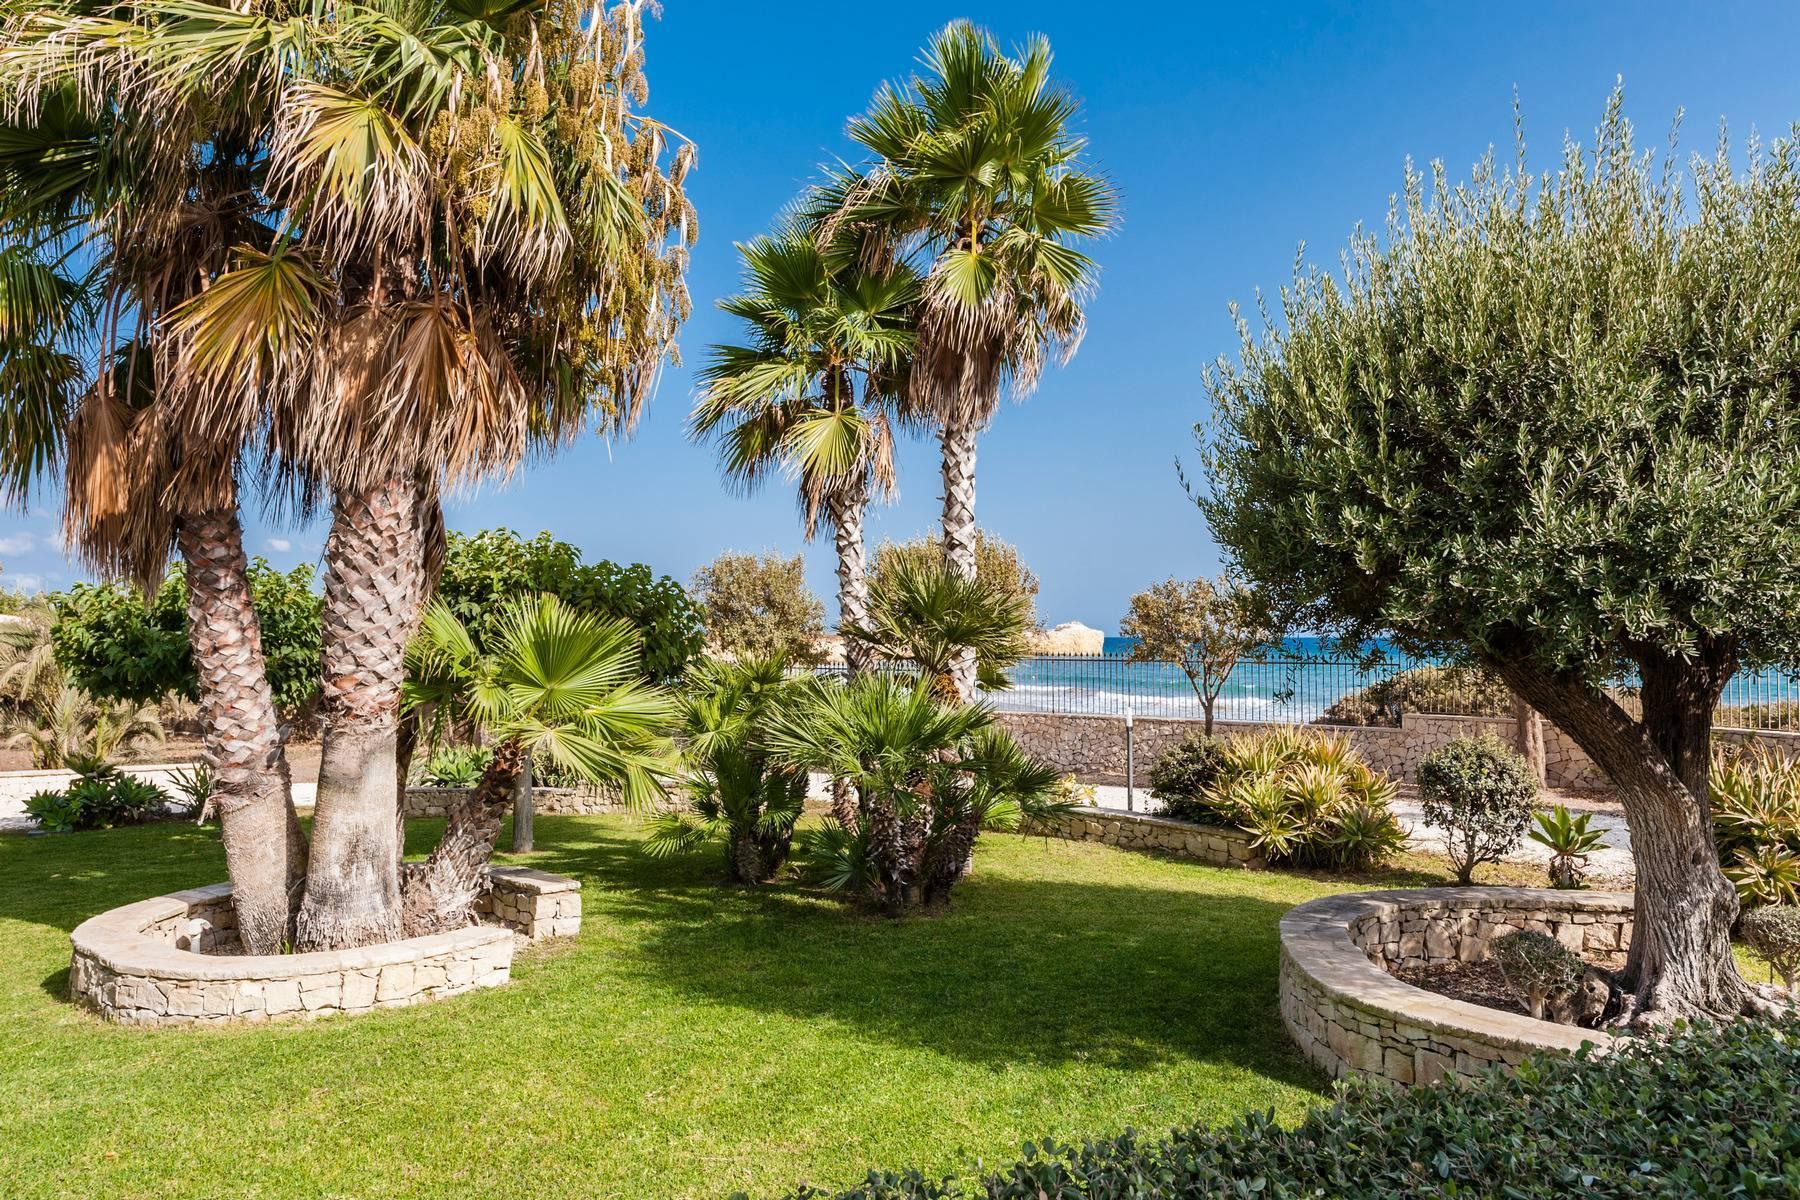 Esclusiva villa sul mare con ingresso privato in spiaggia - 3